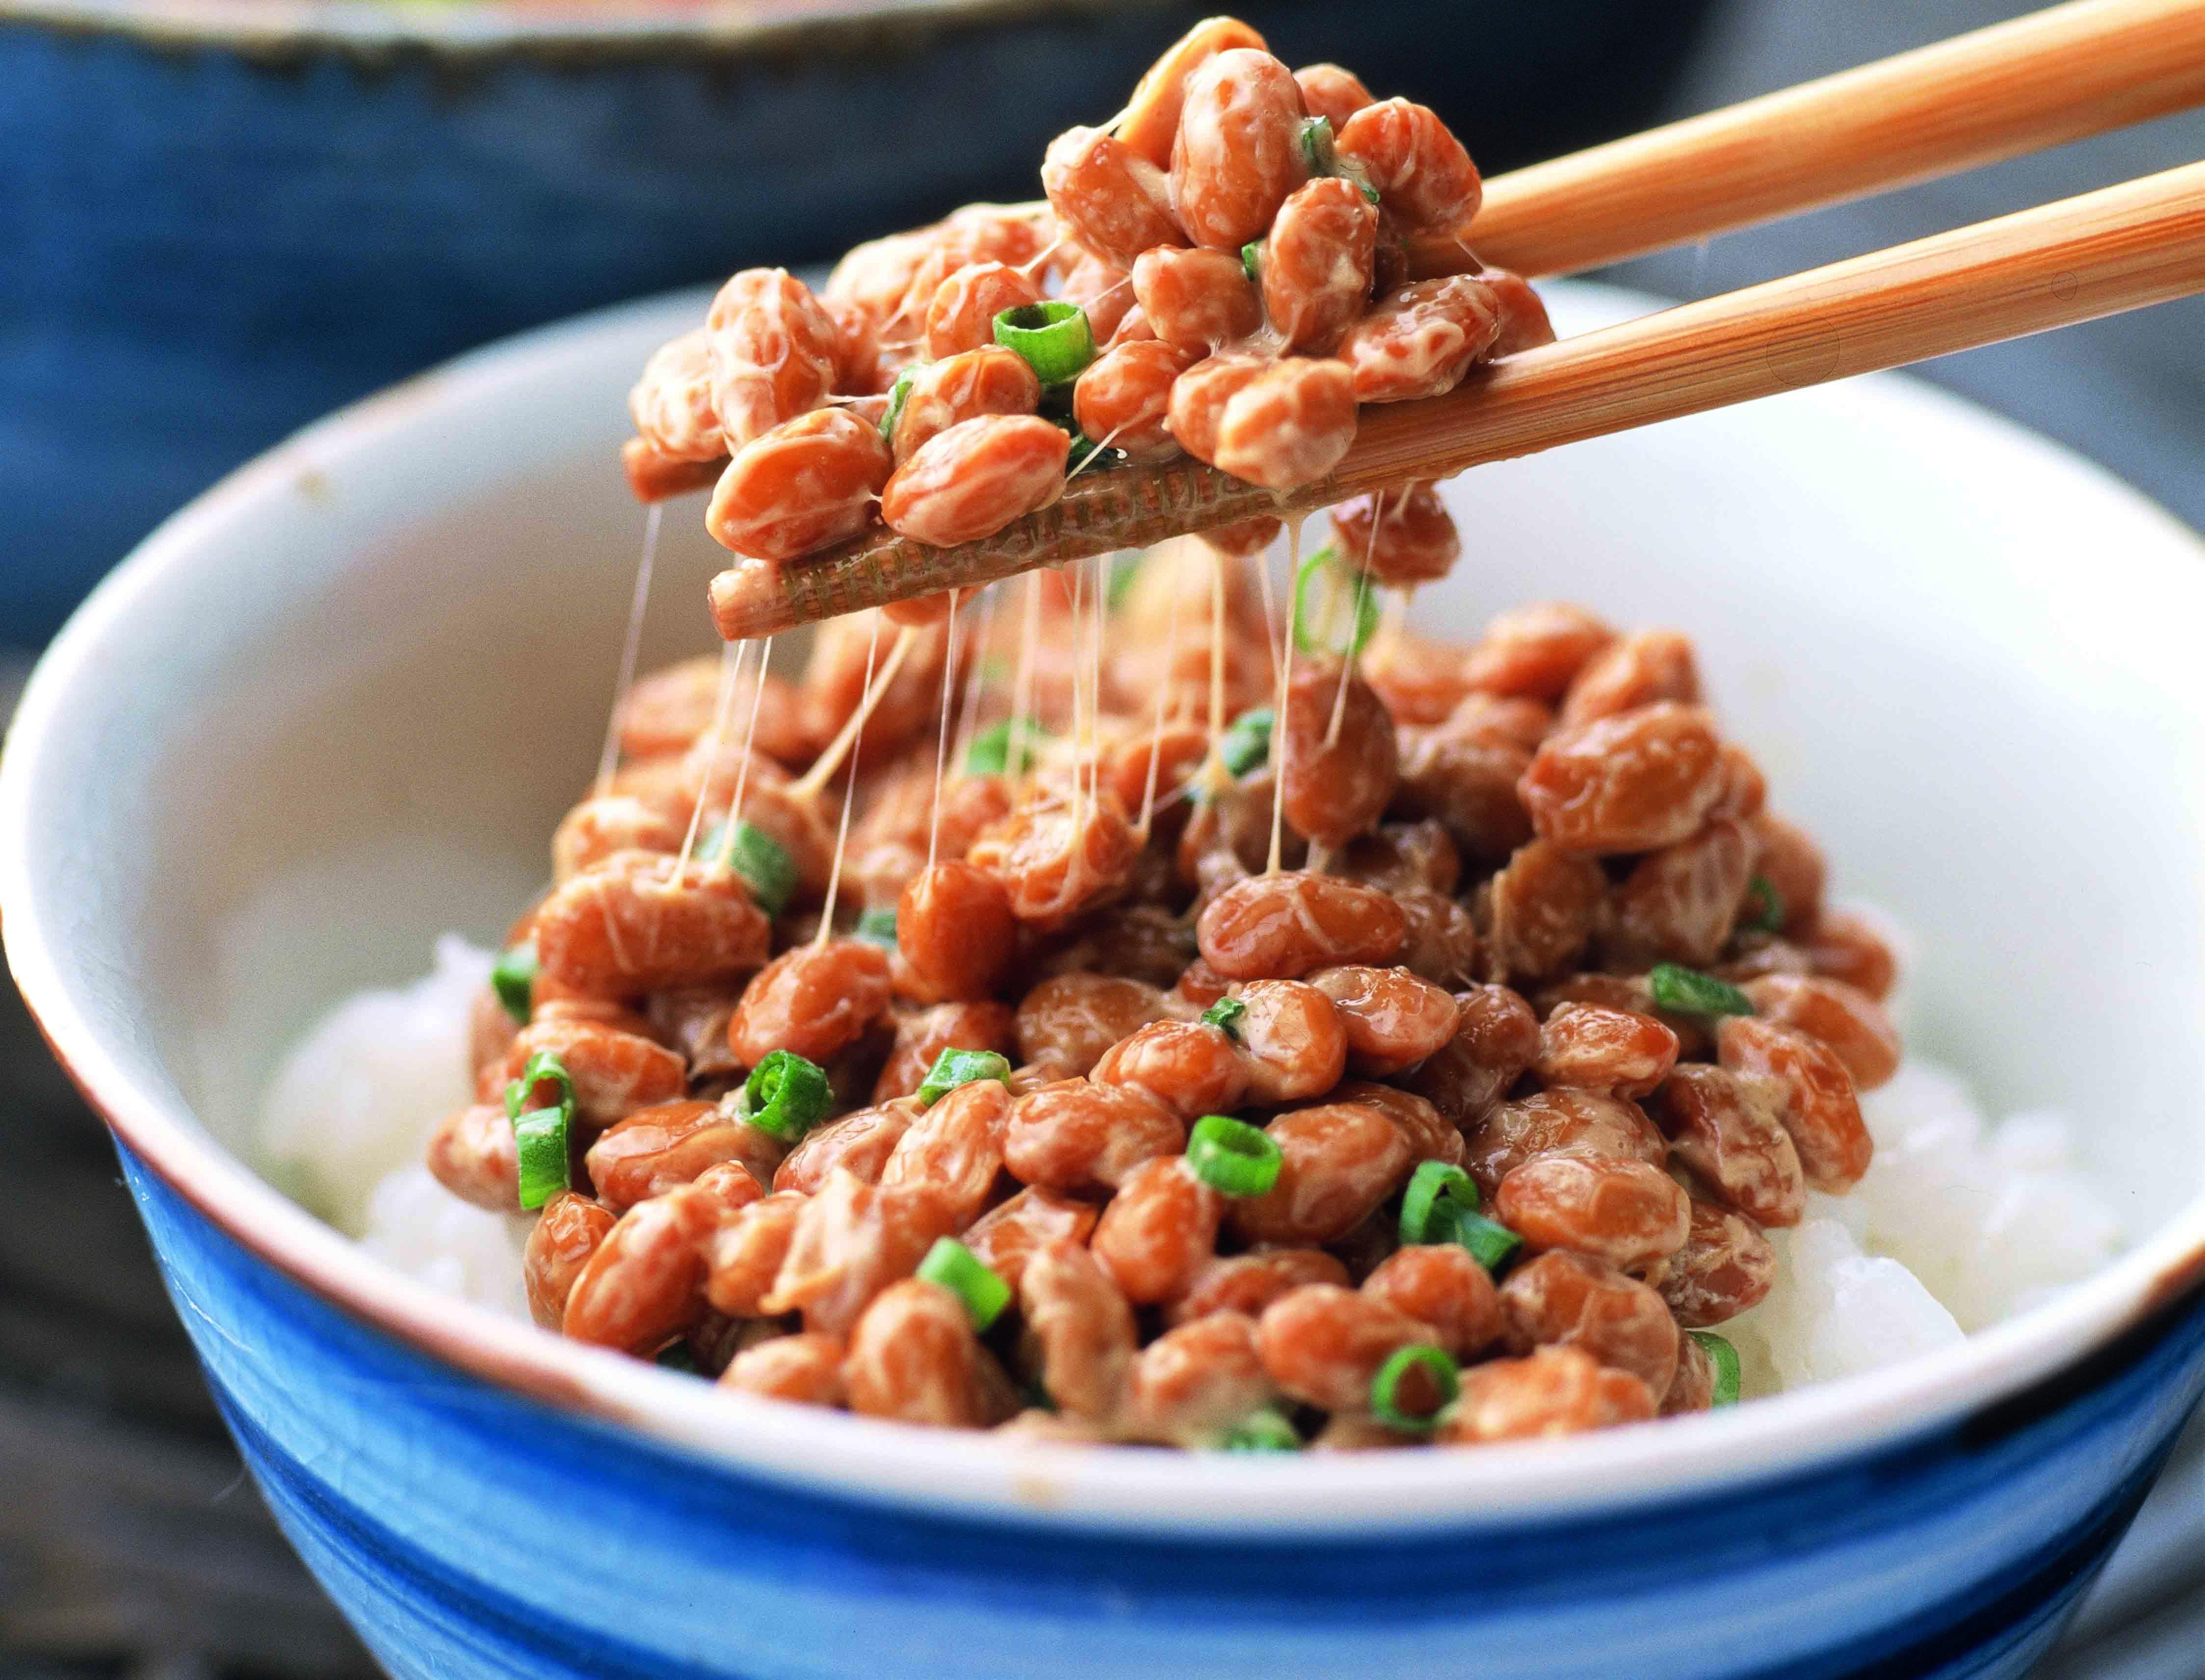 健康に良いとされている納豆!健康と美容効果について調べてみたよ!のサムネイル画像